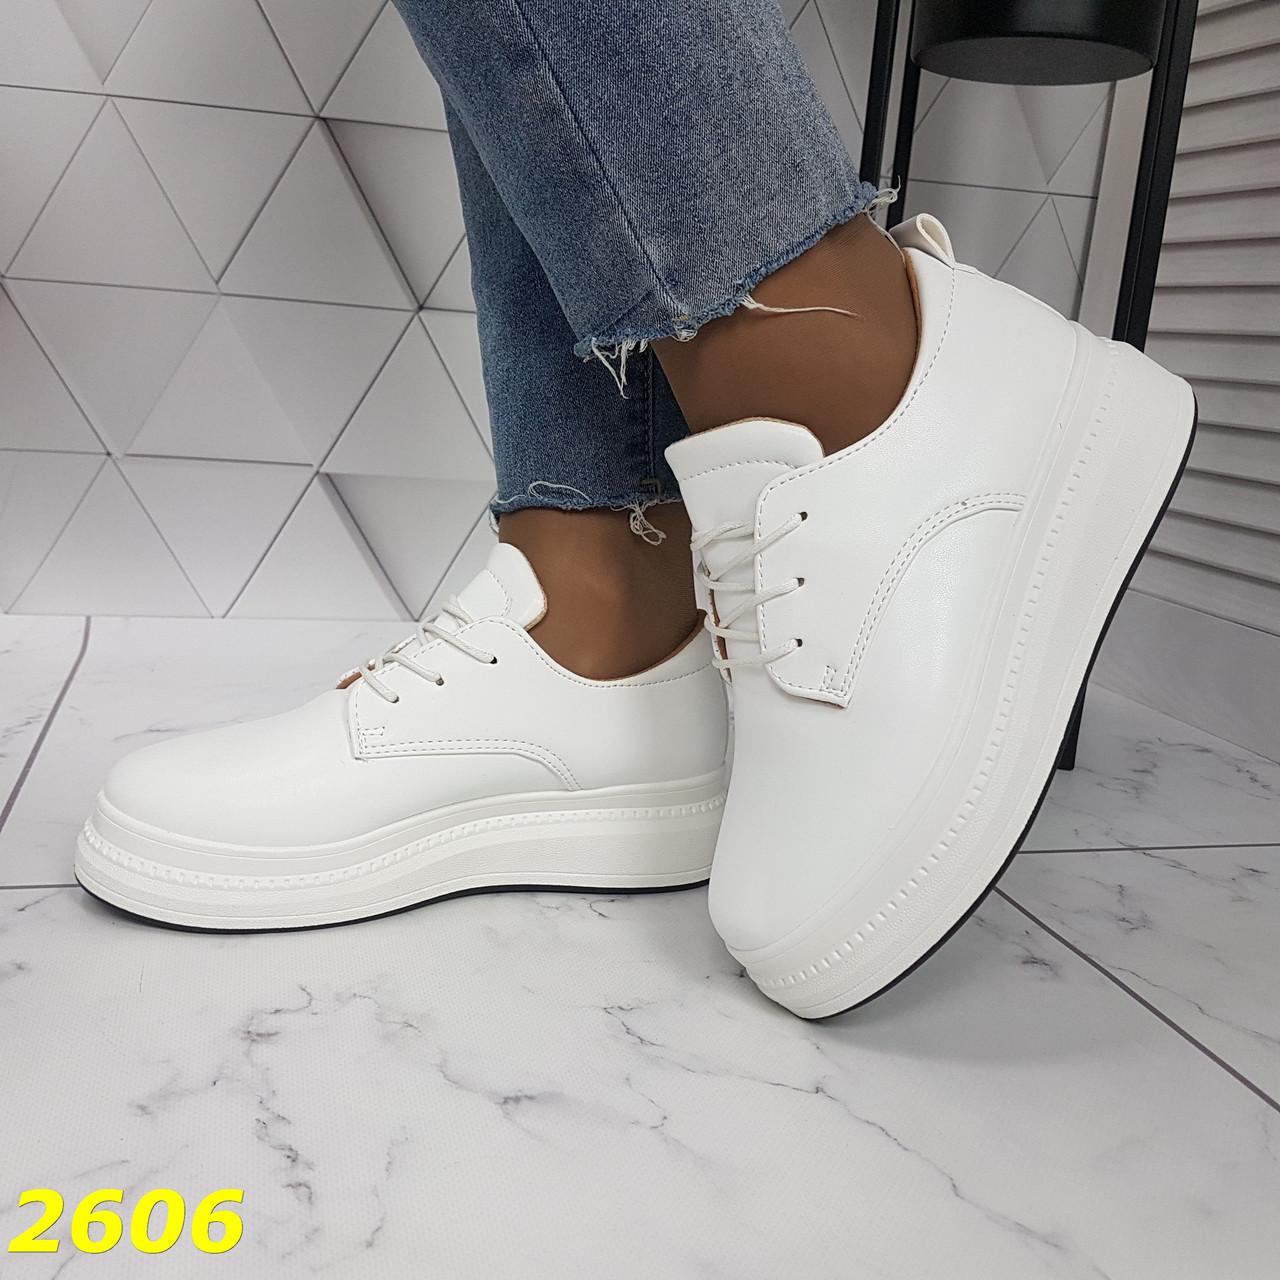 Криперы кроссовки белые на высокой платформе